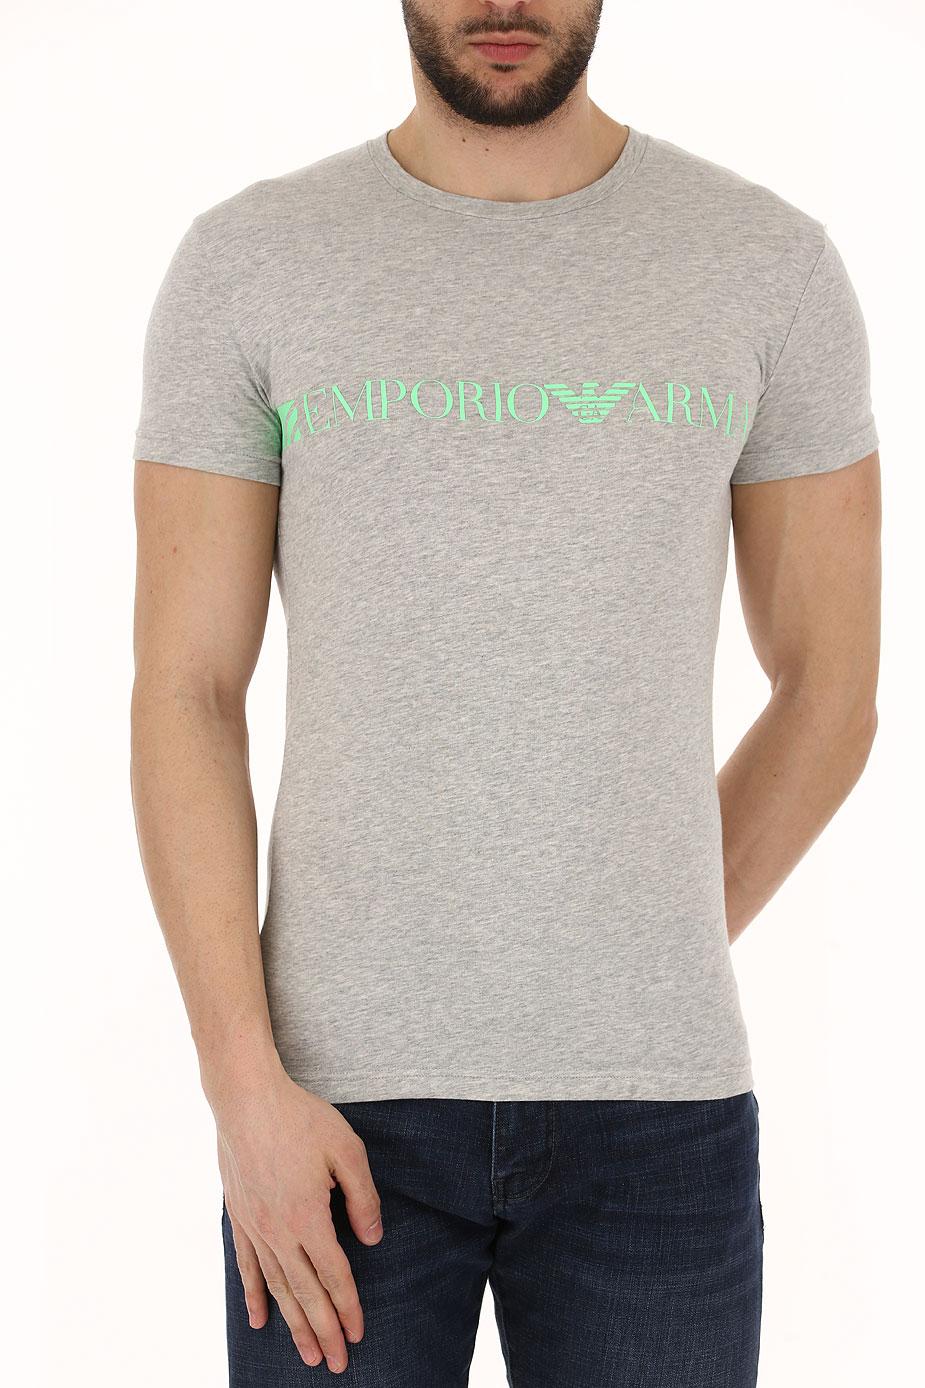 Abbigliamento Uomo Emporio Armani, Codice Articolo: 111035-8p525-00048